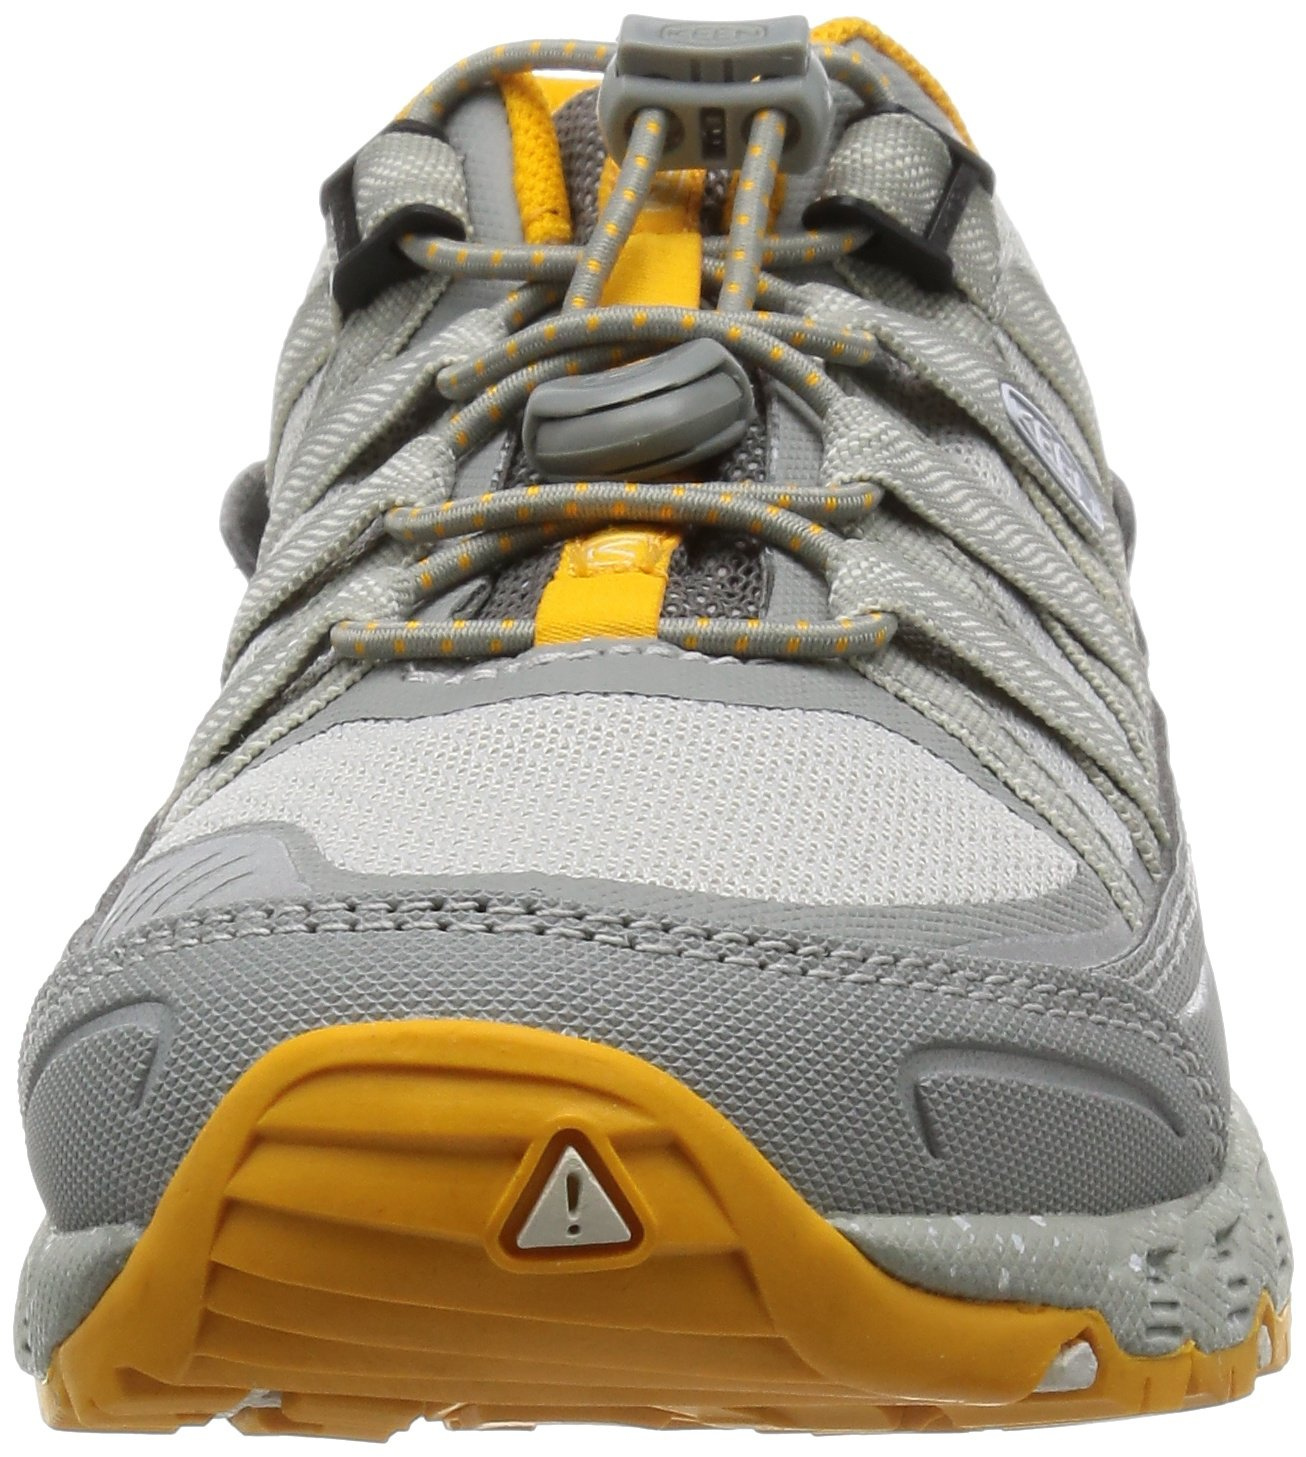 KEEN Women's Versatrail Shoe B012TQB7TA 10.5 B(M) US Neutral Gray/Saffron